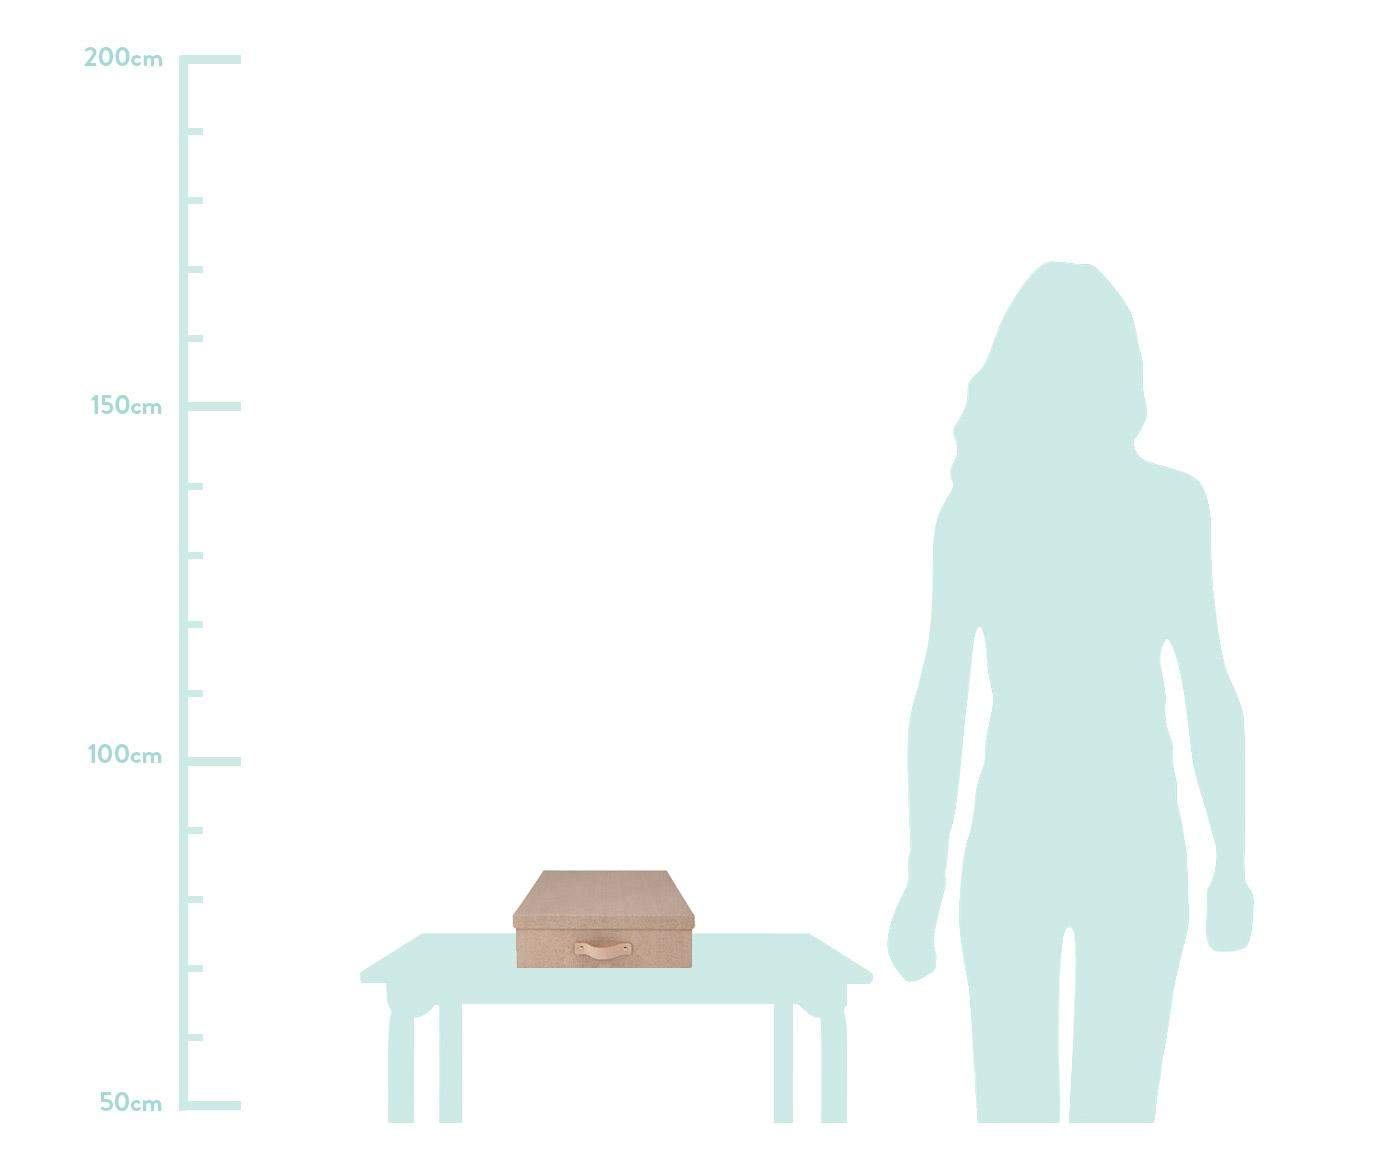 Aufbewahrungsbox Oskar II, Organizer: Fester Karton, mit Holzde, Griff: Leder, Organizer aussen: BeigeOrganizer innen: SchwarzGriff: Beige, 26 x 9 cm